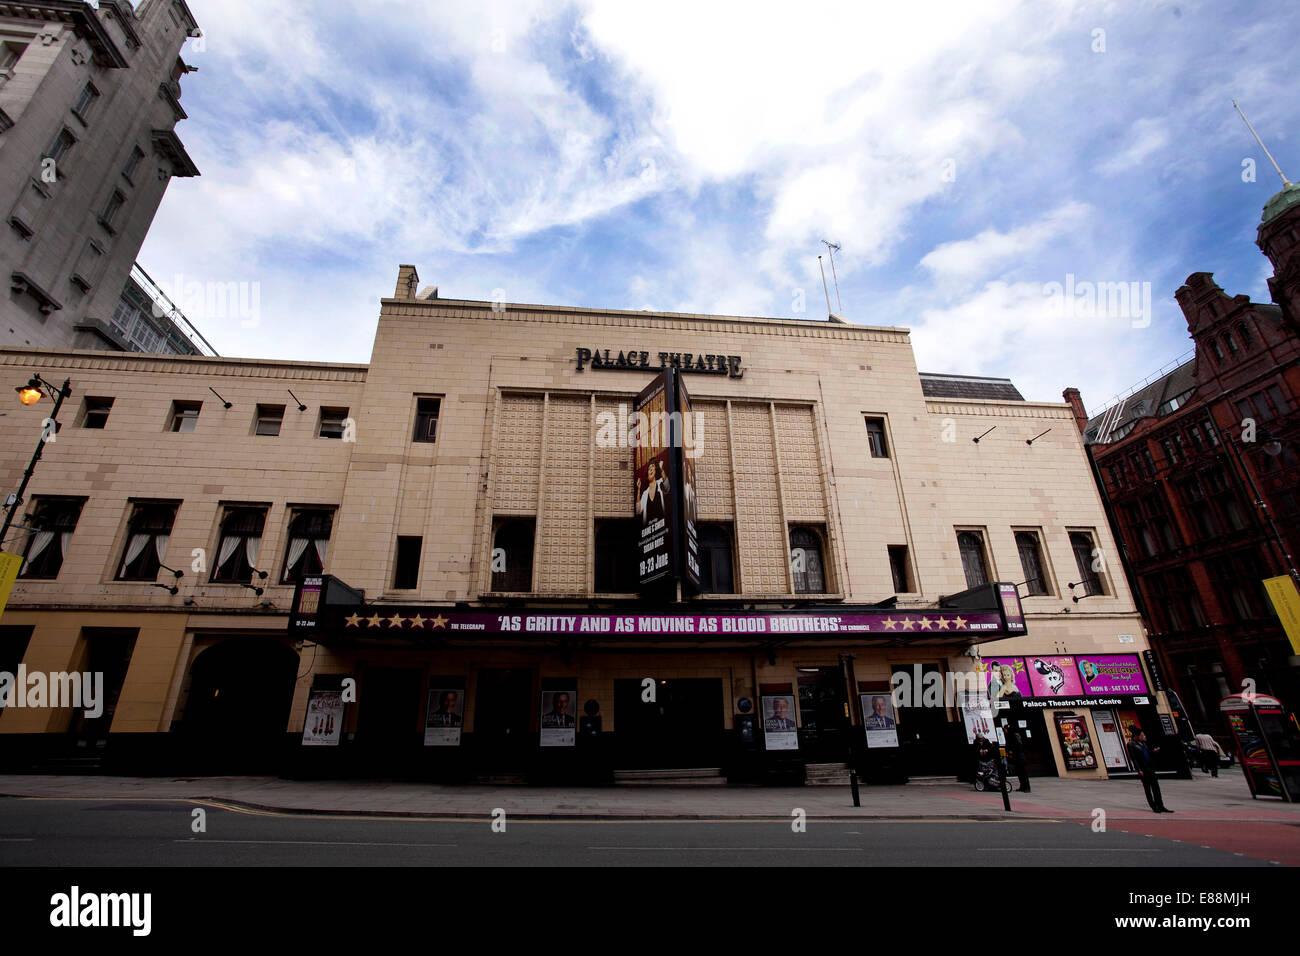 25.06.12 GV des Palace Theatre, Oxford Straße, Manchester. Stockbild